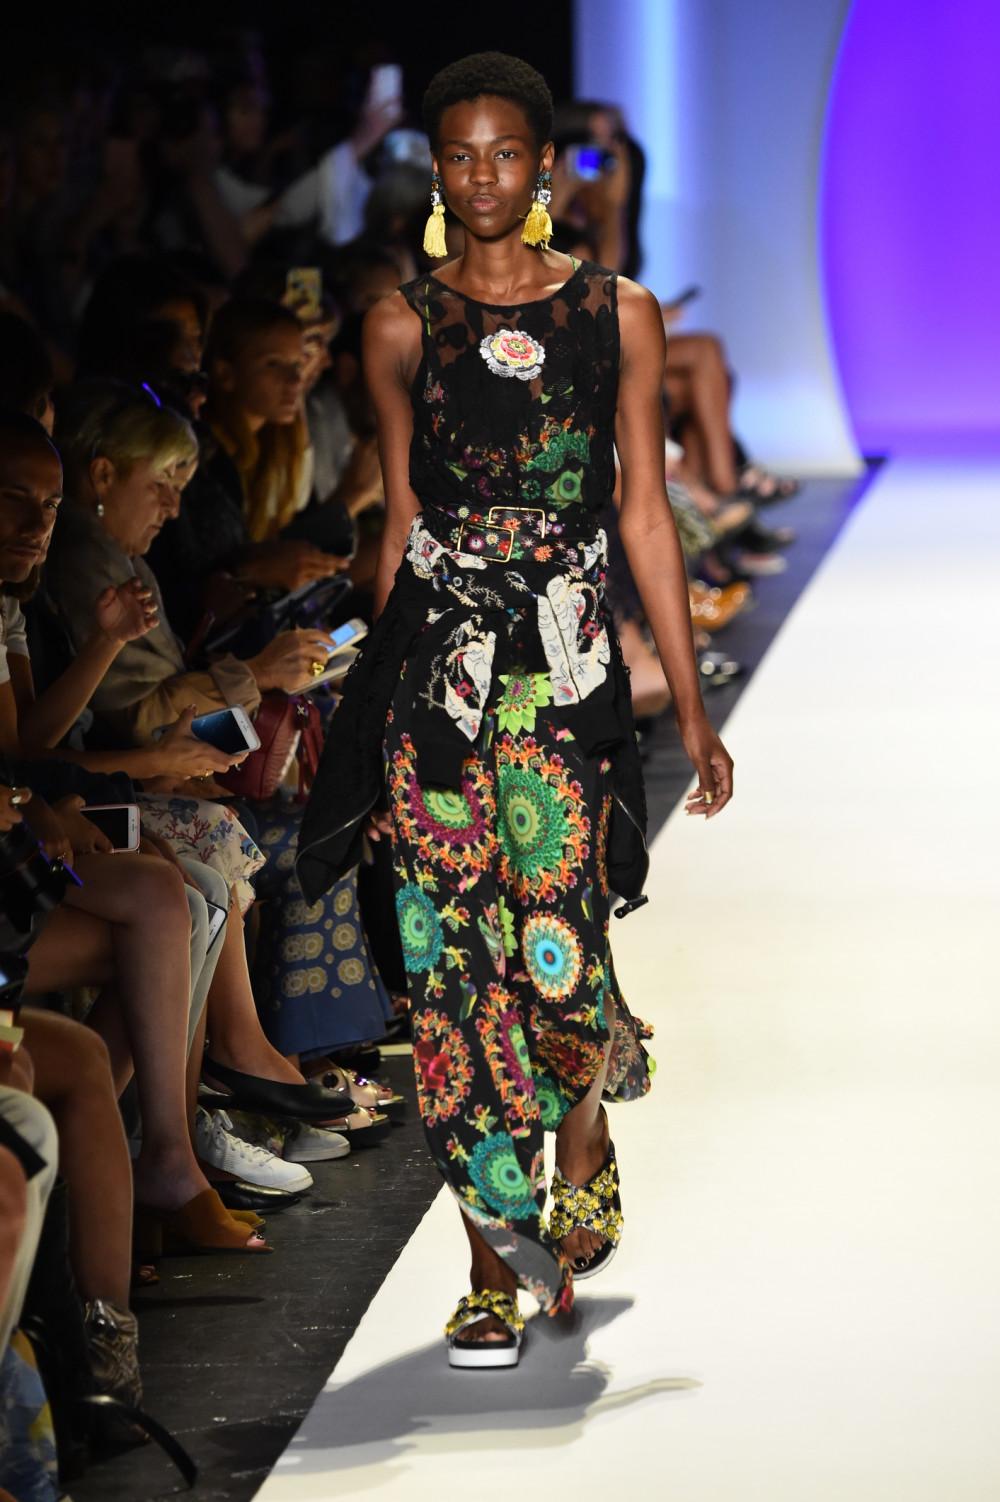 kayito nwokedi is fashion ultimately about label validation